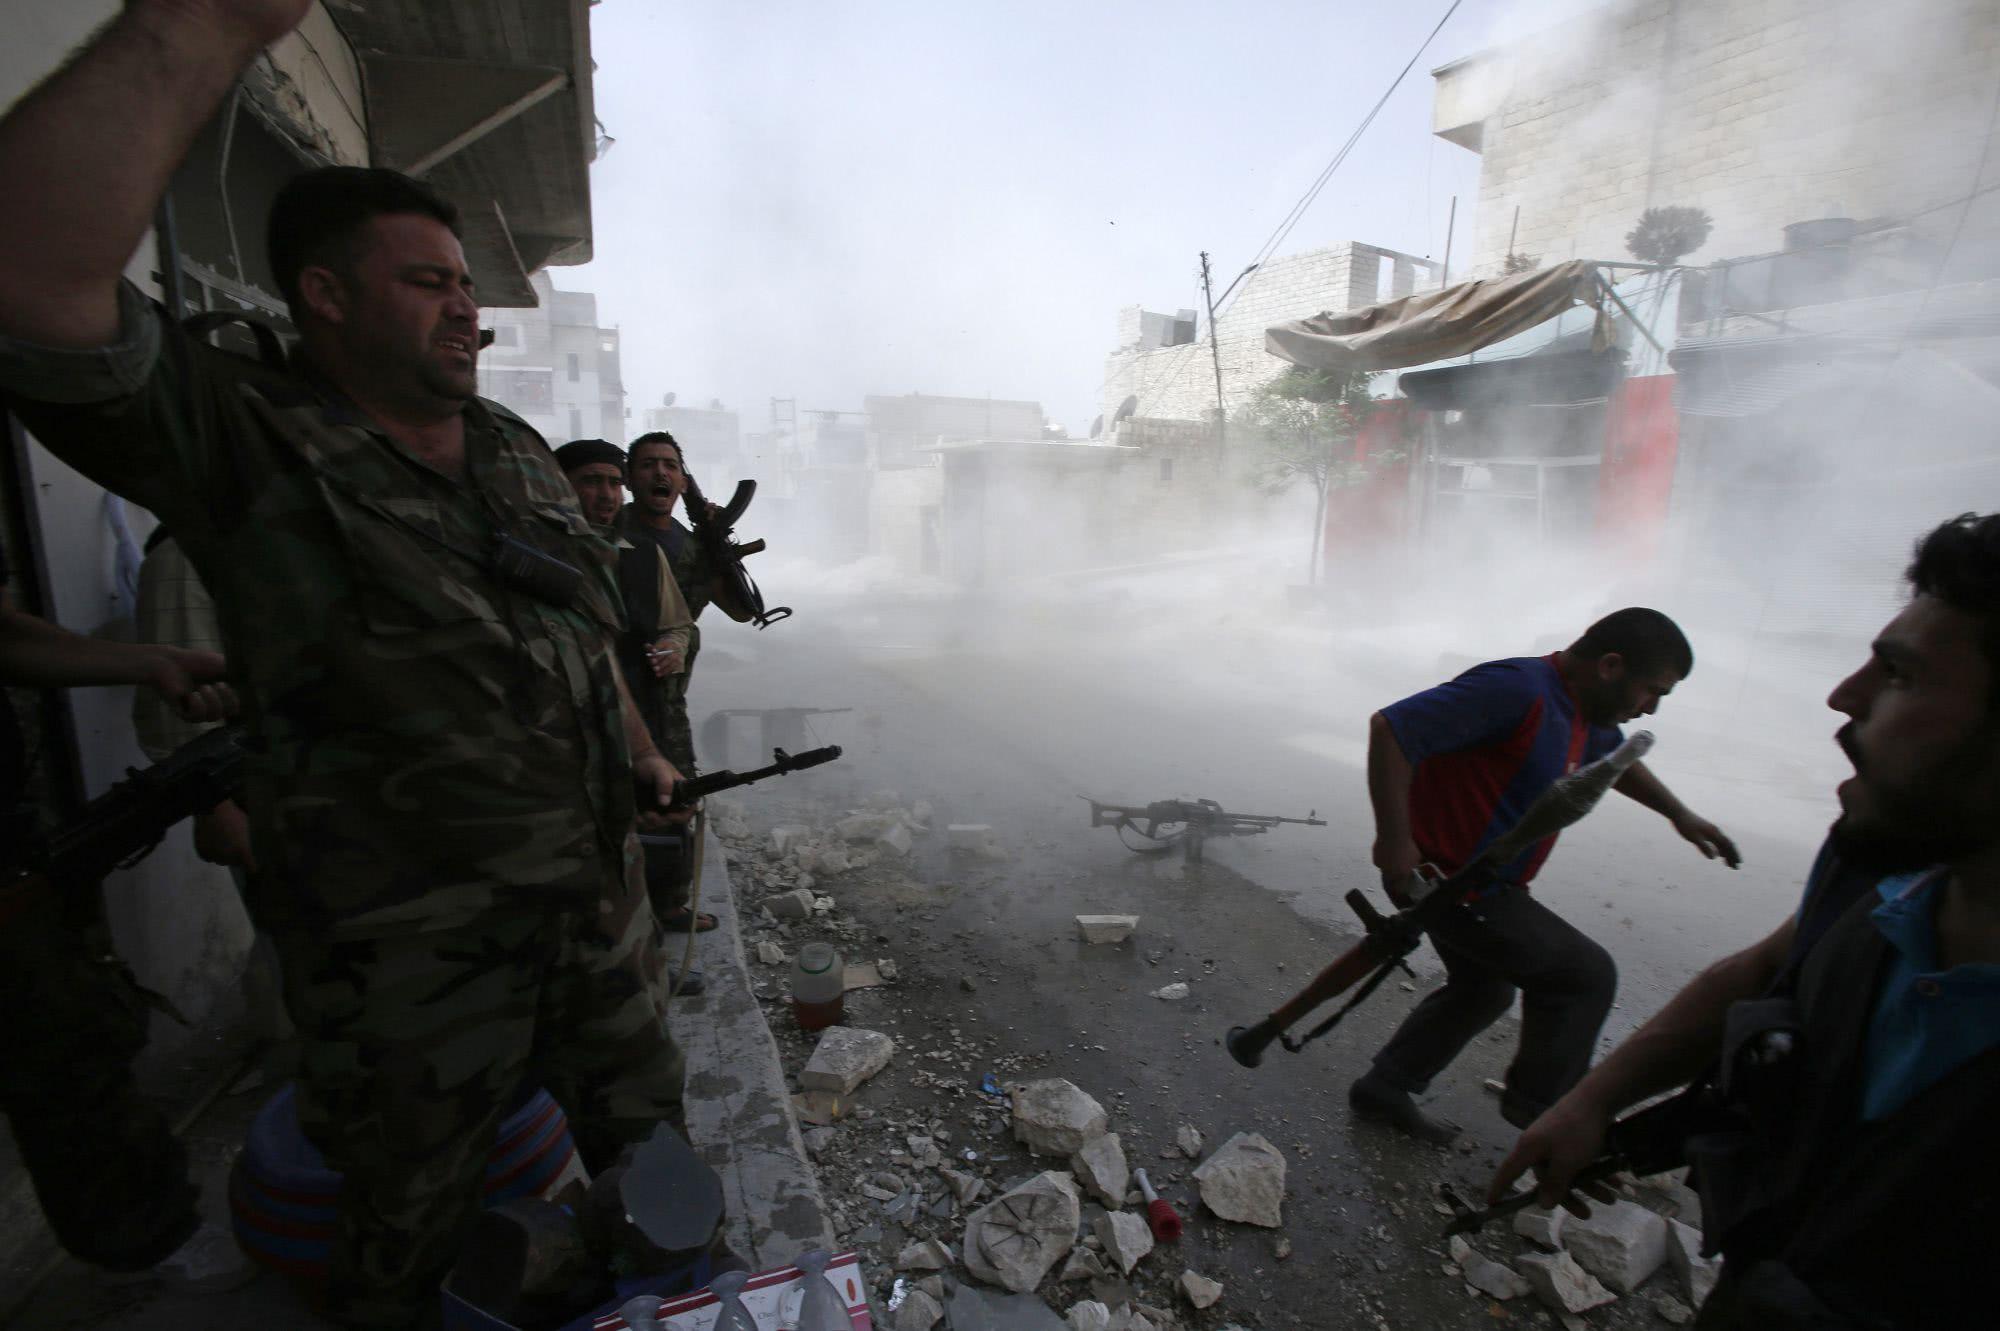 叛军15次炮袭,击中俄军基地,大批俄战机追杀,数十城镇成废墟